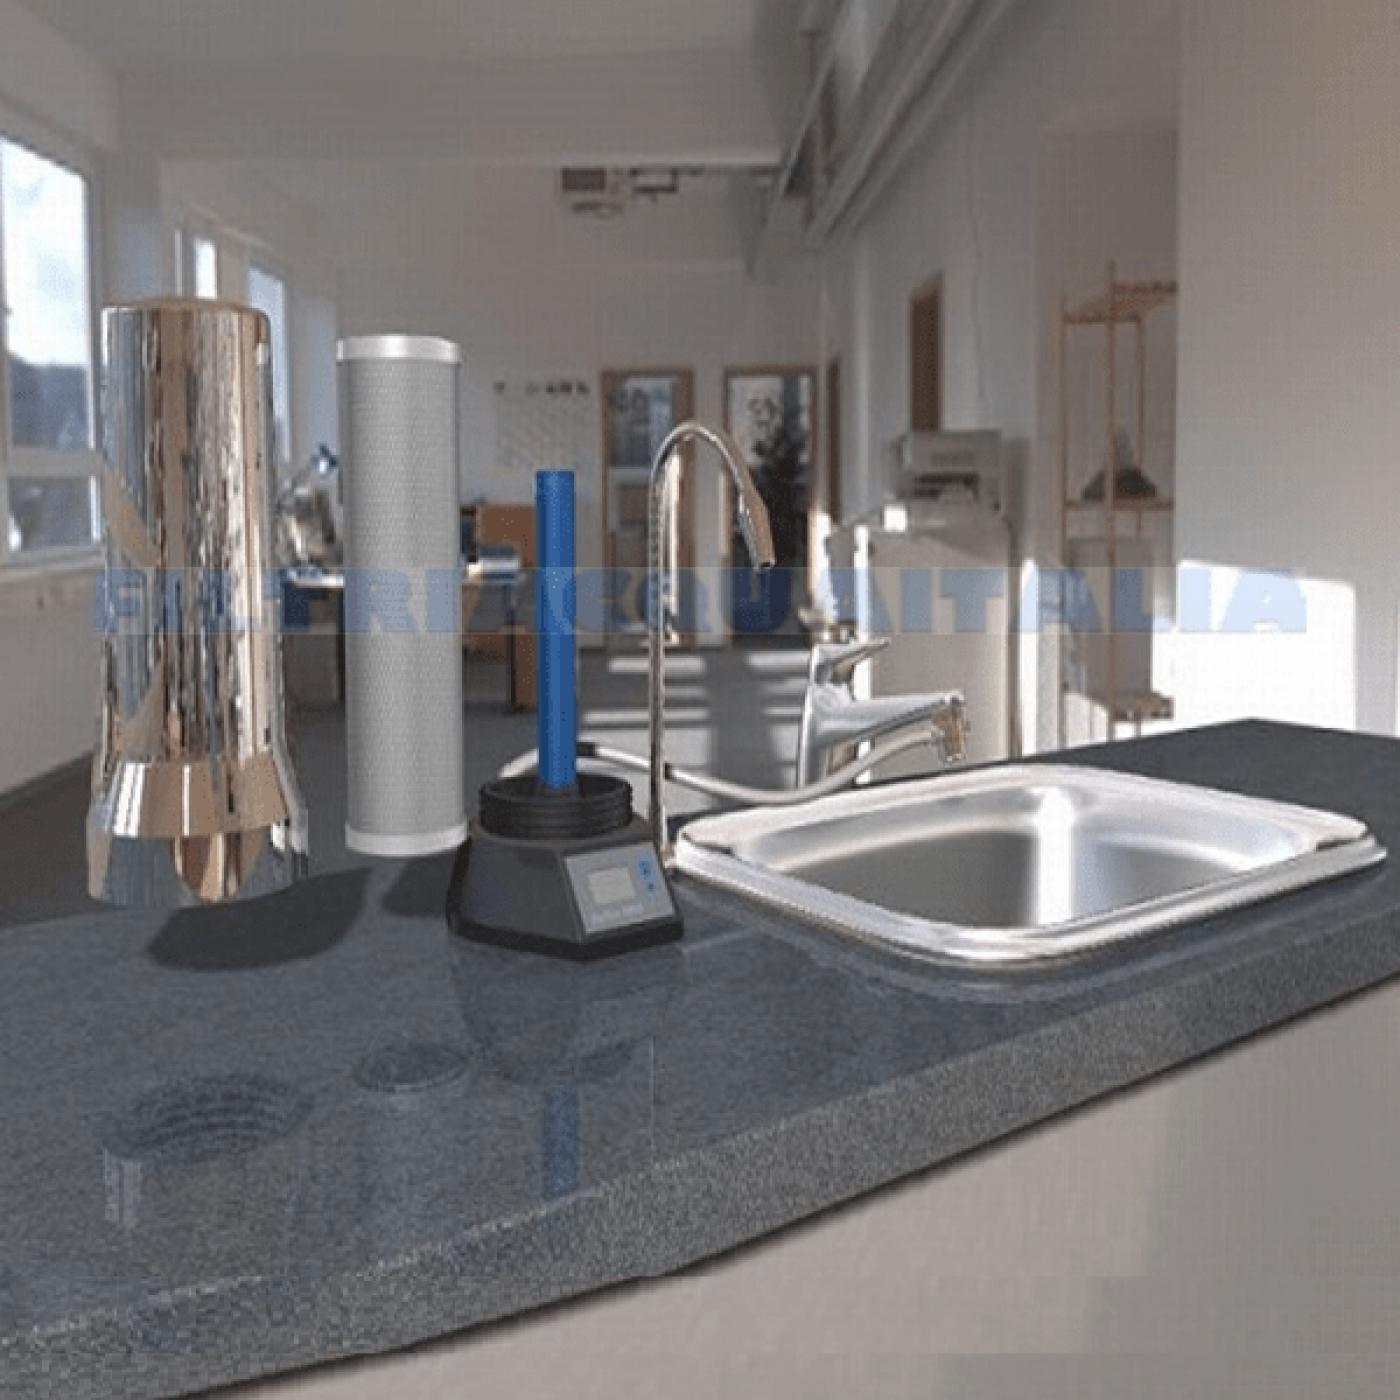 DigiPure 9000S Purificatore Acqua Sopralavello Cucina